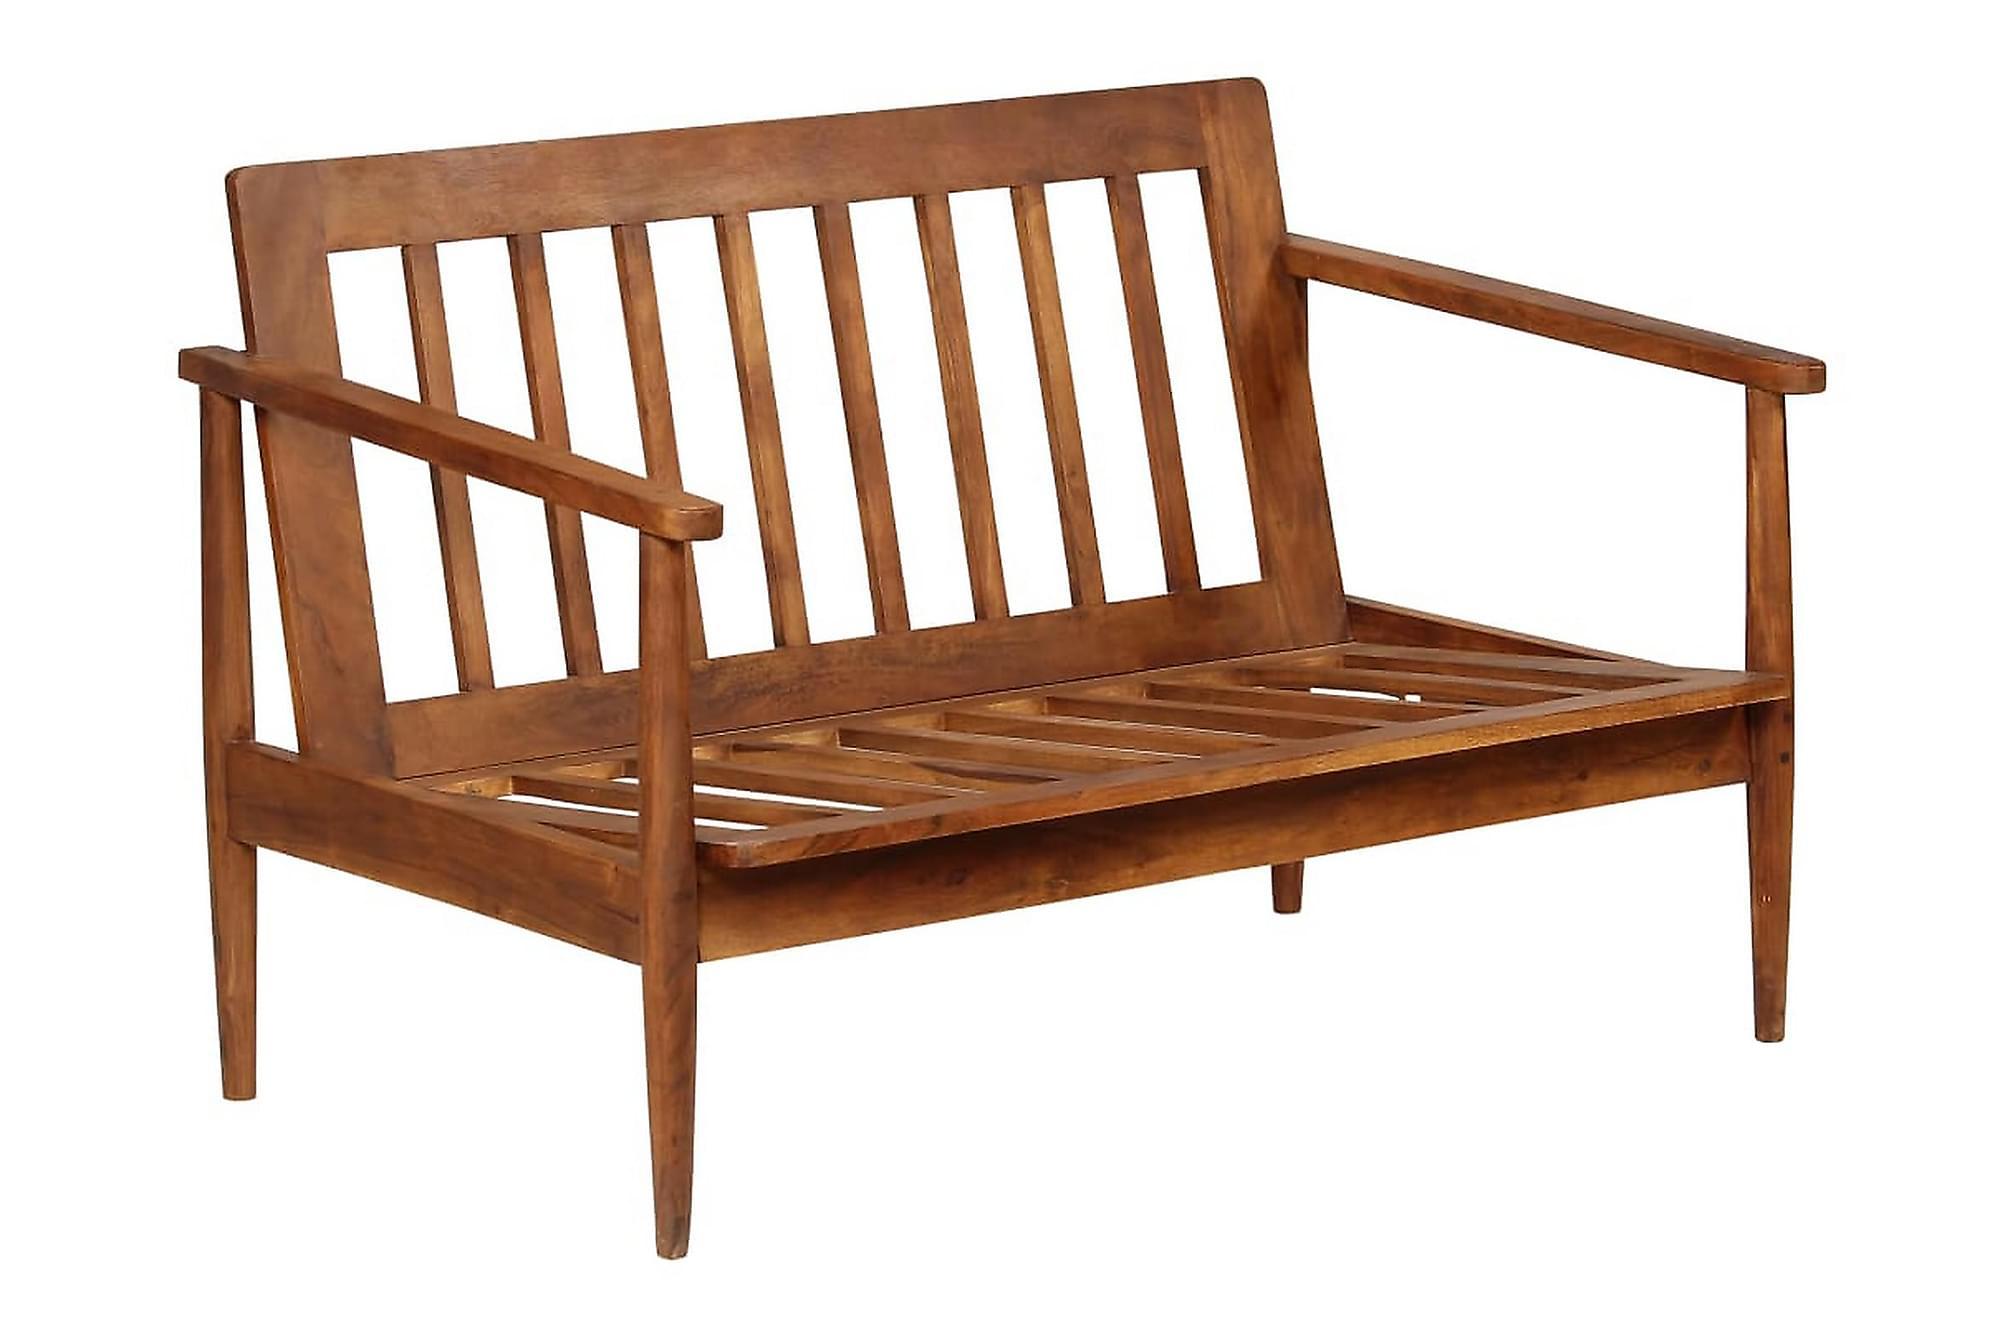 2-sitssoffa i äkta läder med akaciaträ brun, 2-sits soffor